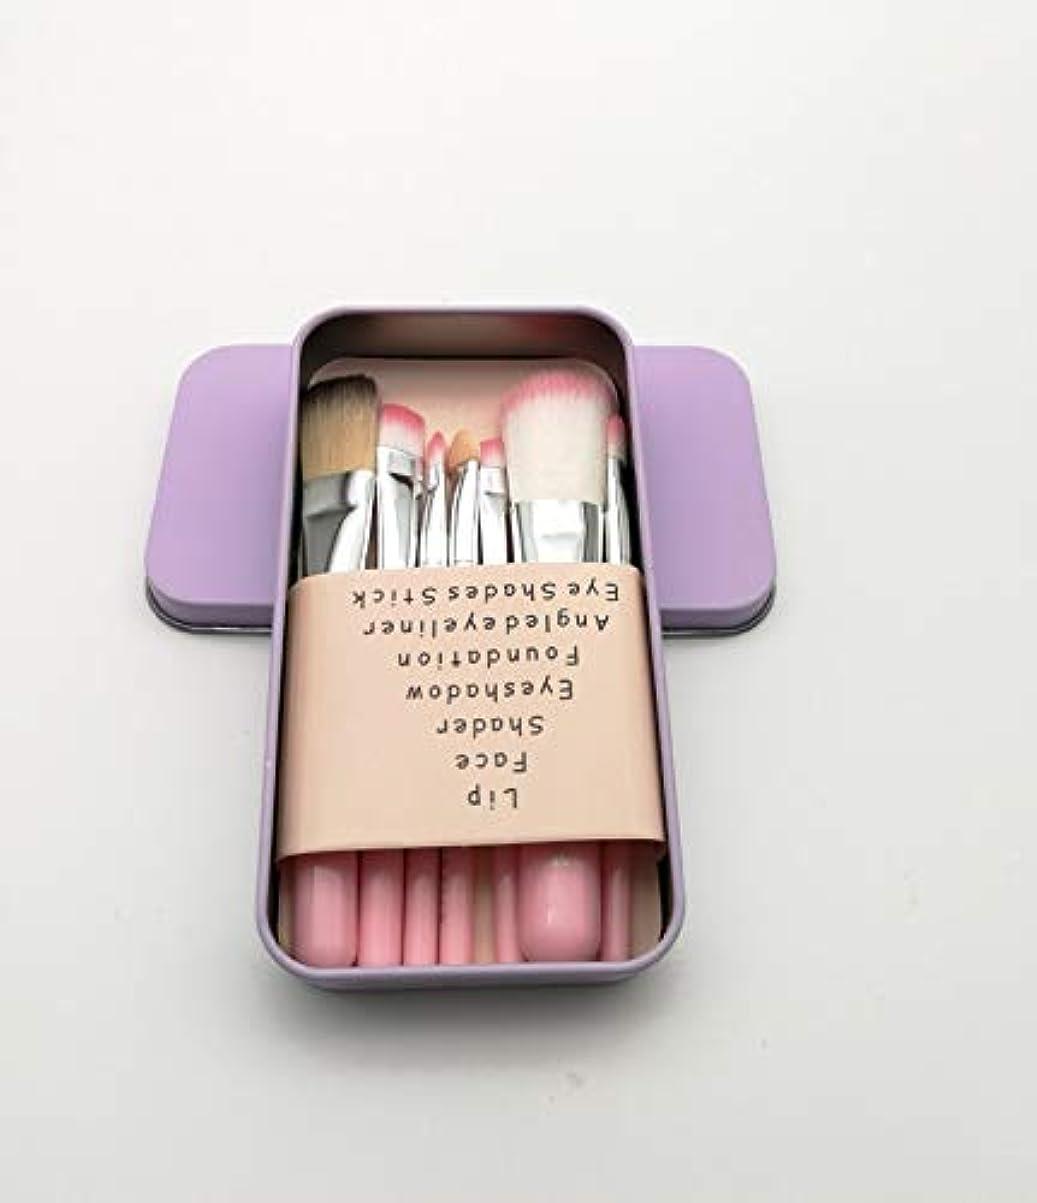 有害な満州私たち自身化粧ブラシセット、ピンク7化粧ブラシ化粧ブラシセットアイシャドウブラシリップブラシ美容化粧道具